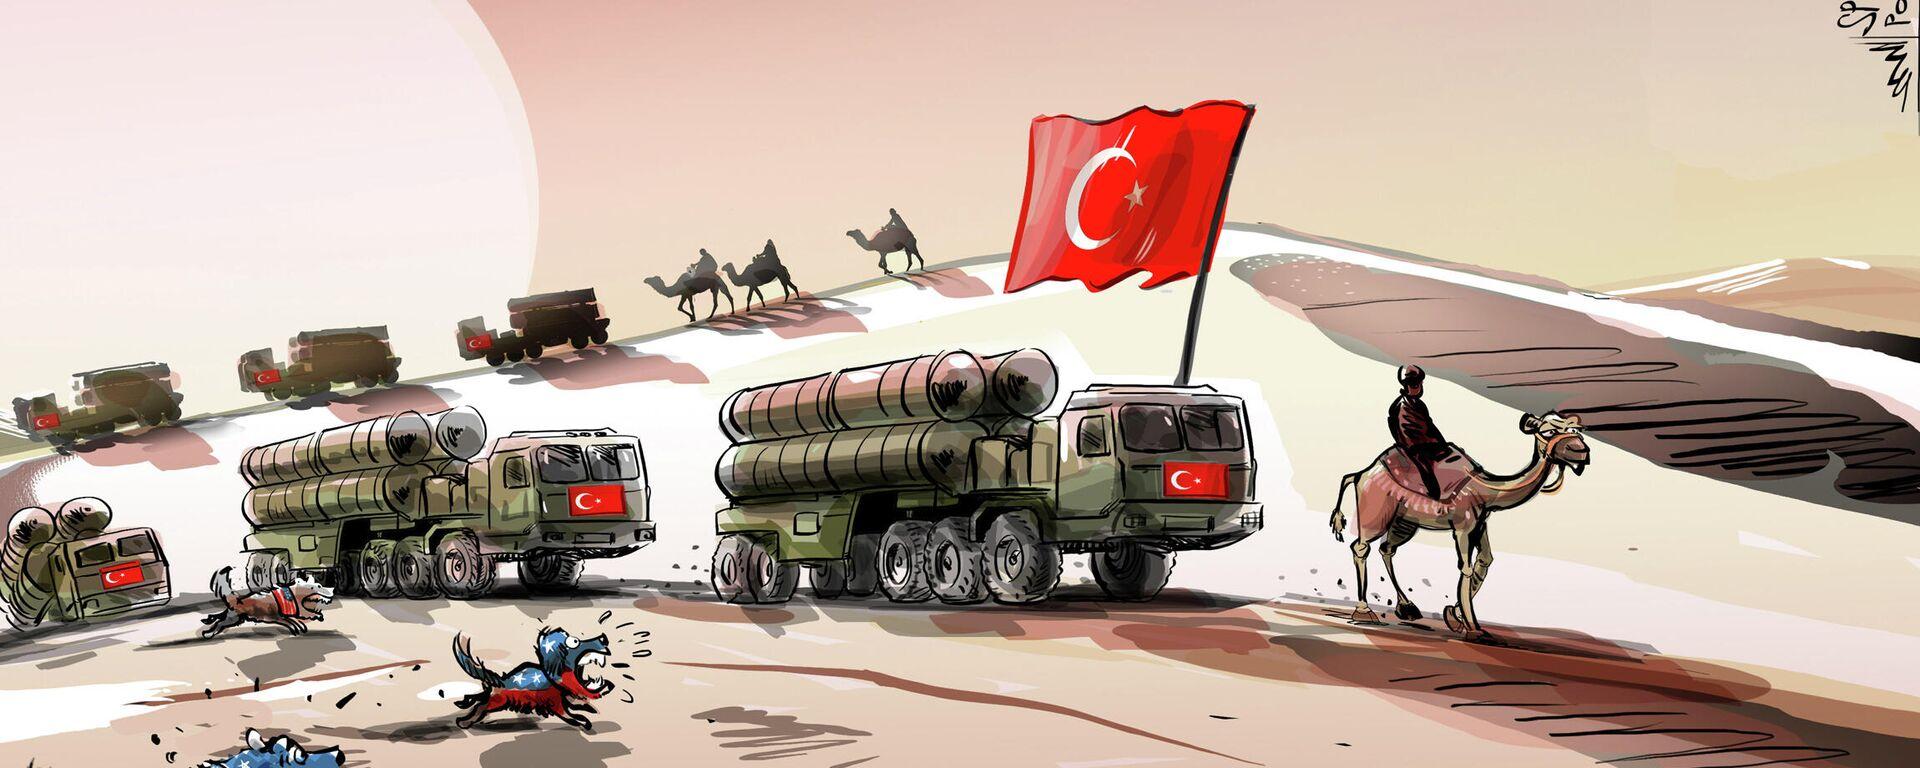 EEUU 'ladra' pero la caravana de los S-400 avanza en Turquía  - Sputnik Mundo, 1920, 16.02.2021